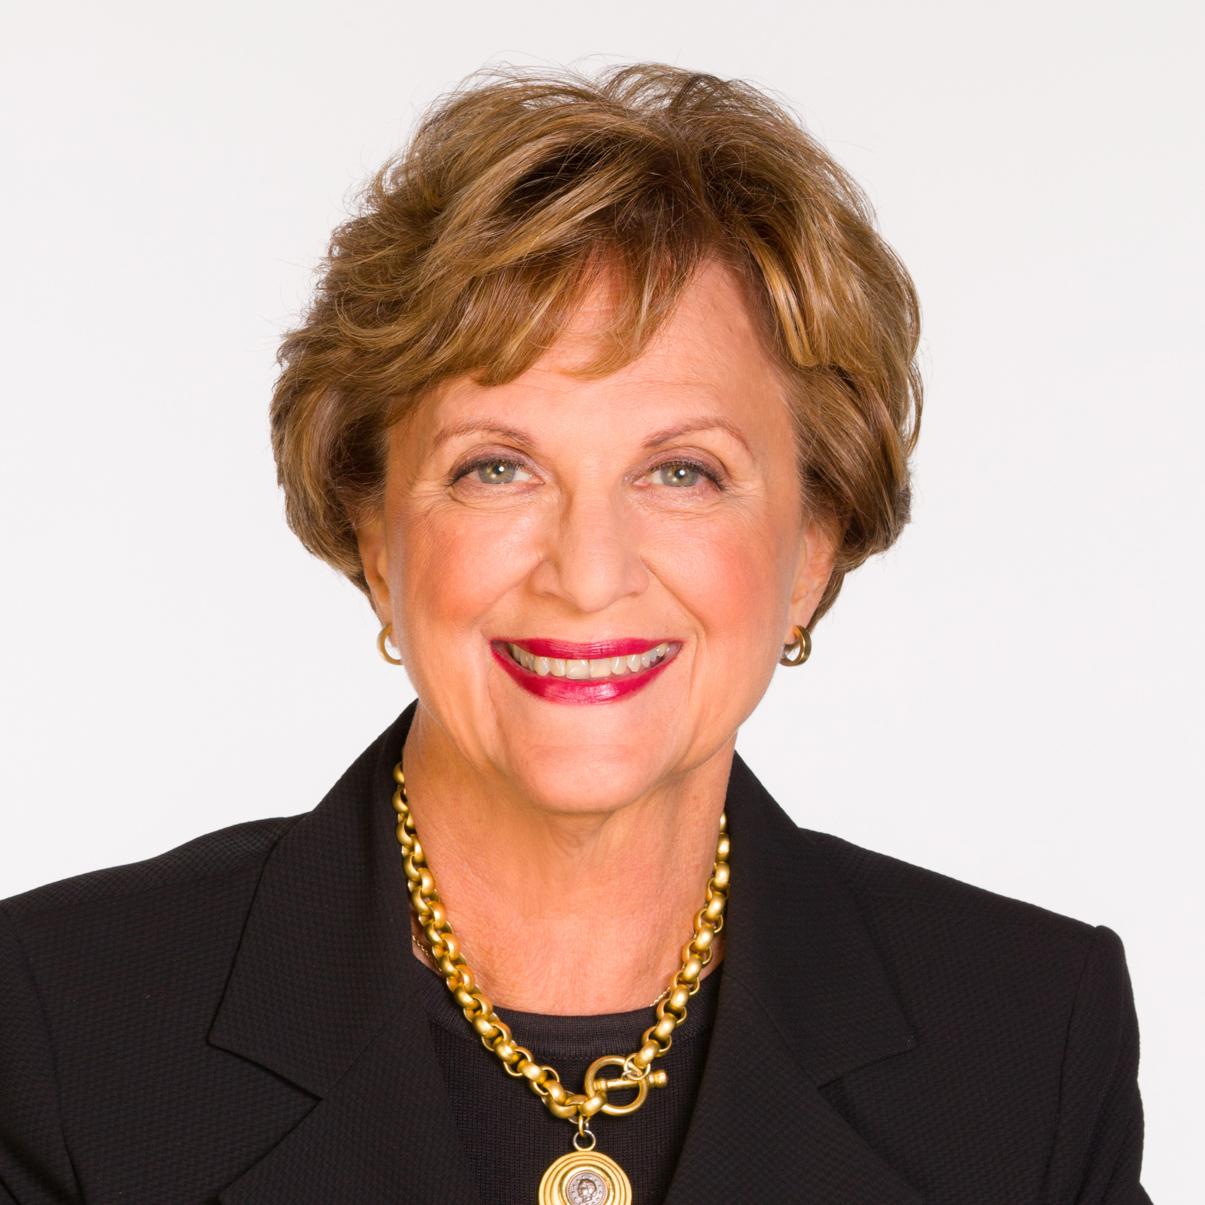 Linda J. McKay